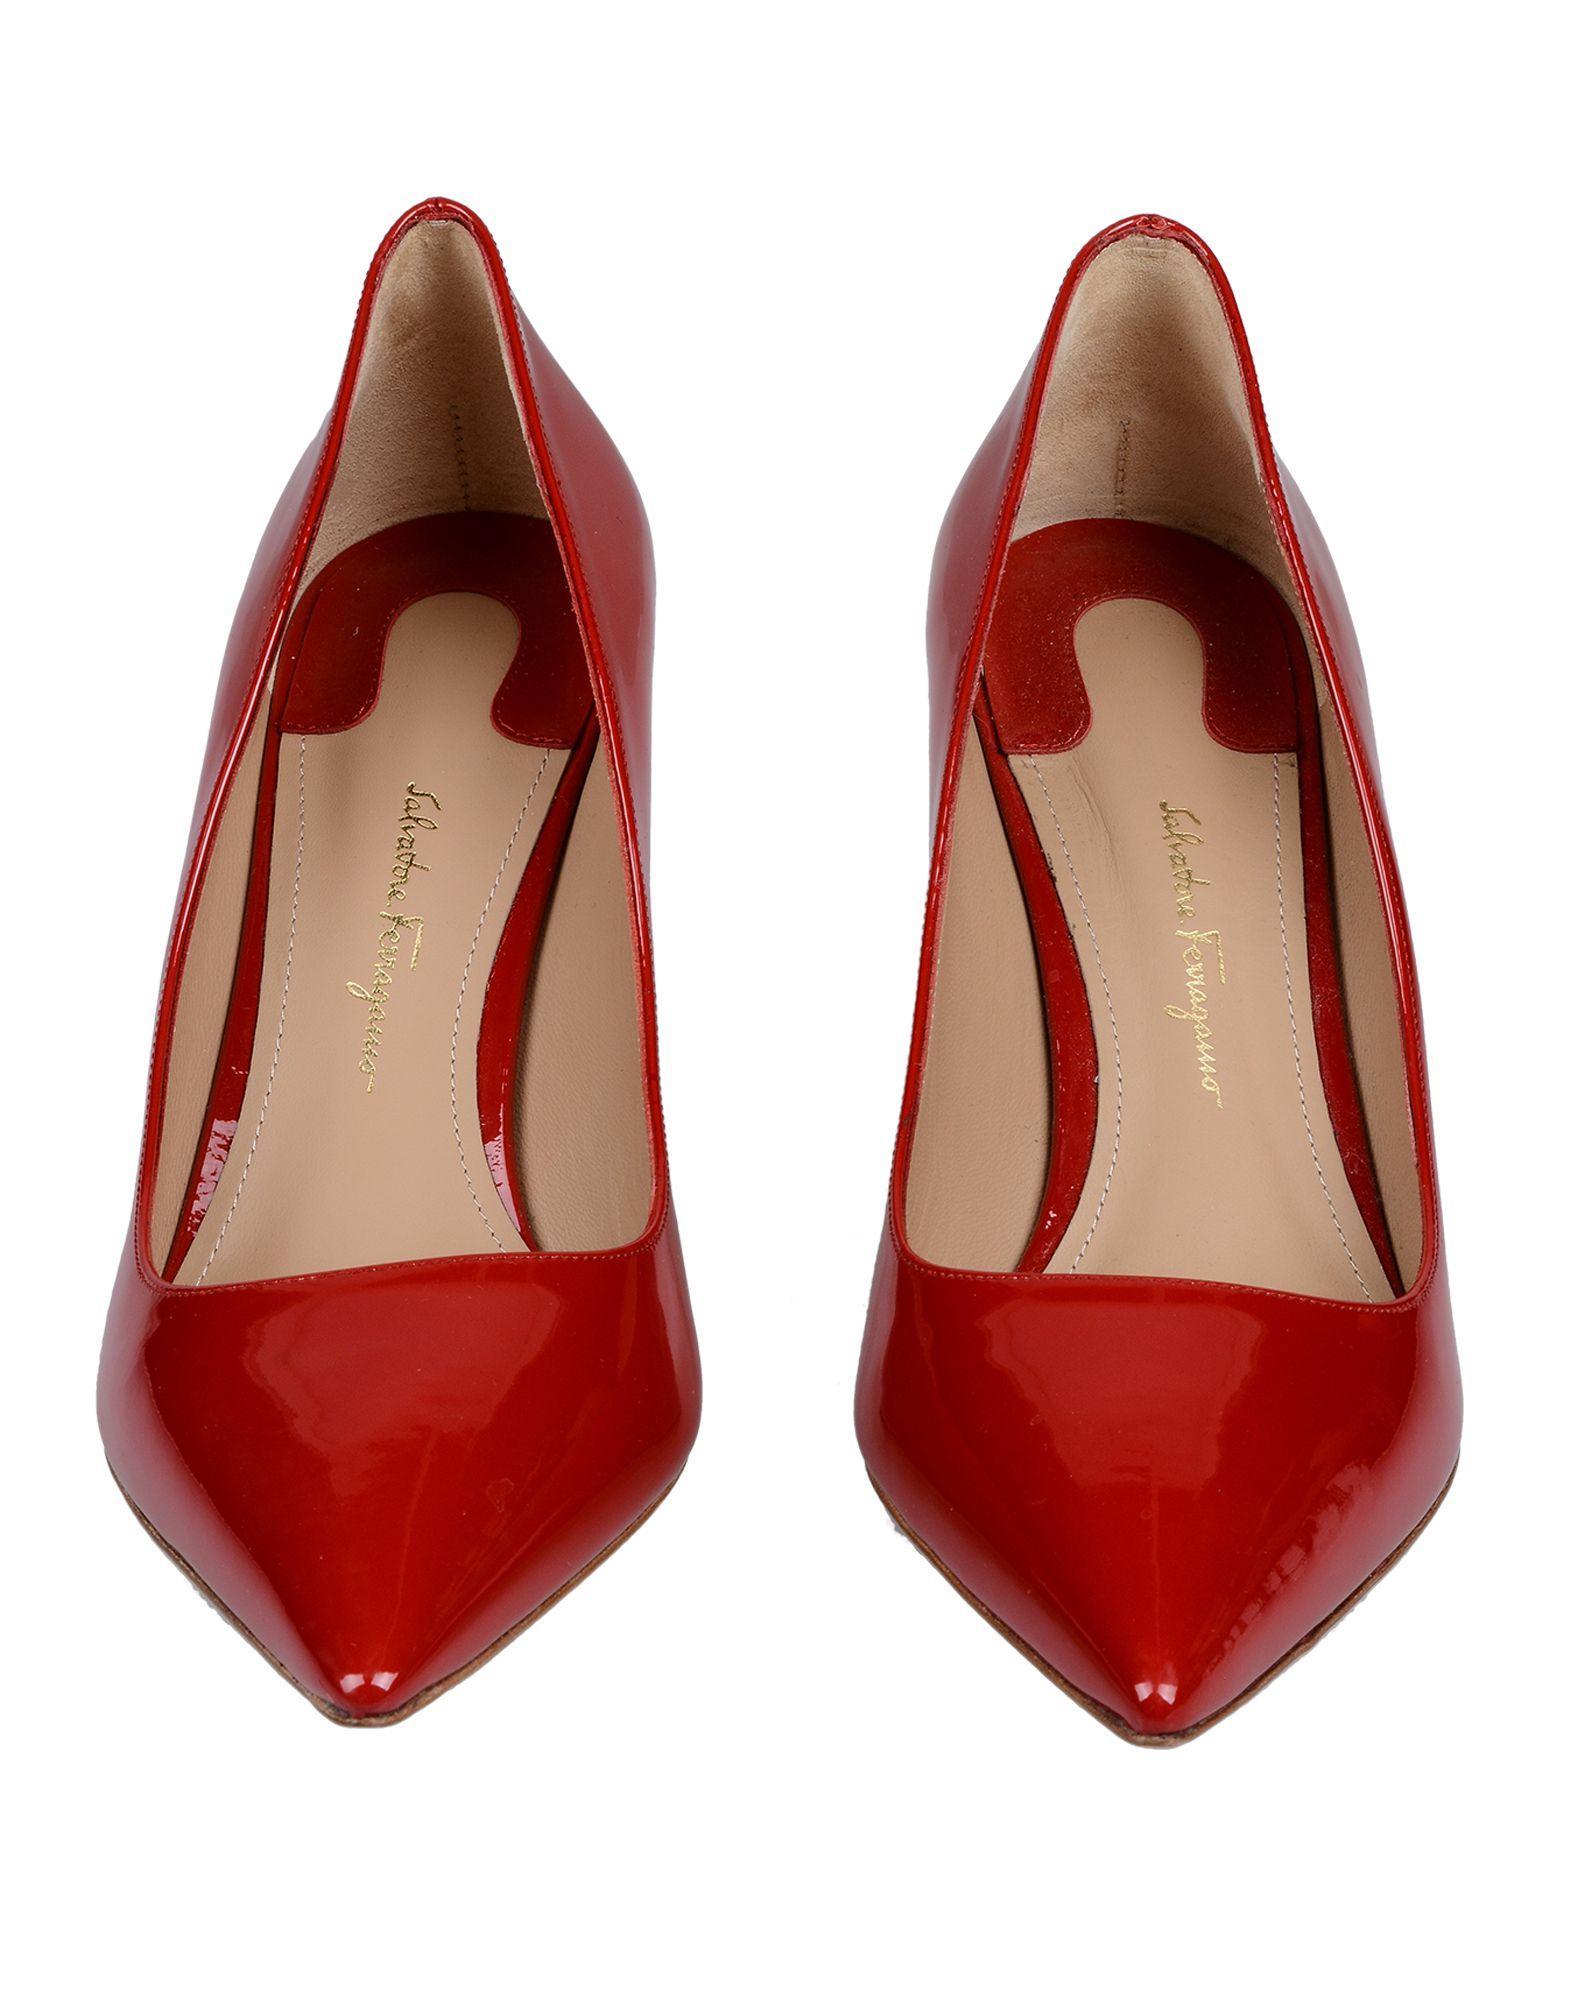 Zapatos de salón Ferragamo de Cuero de color Rojo